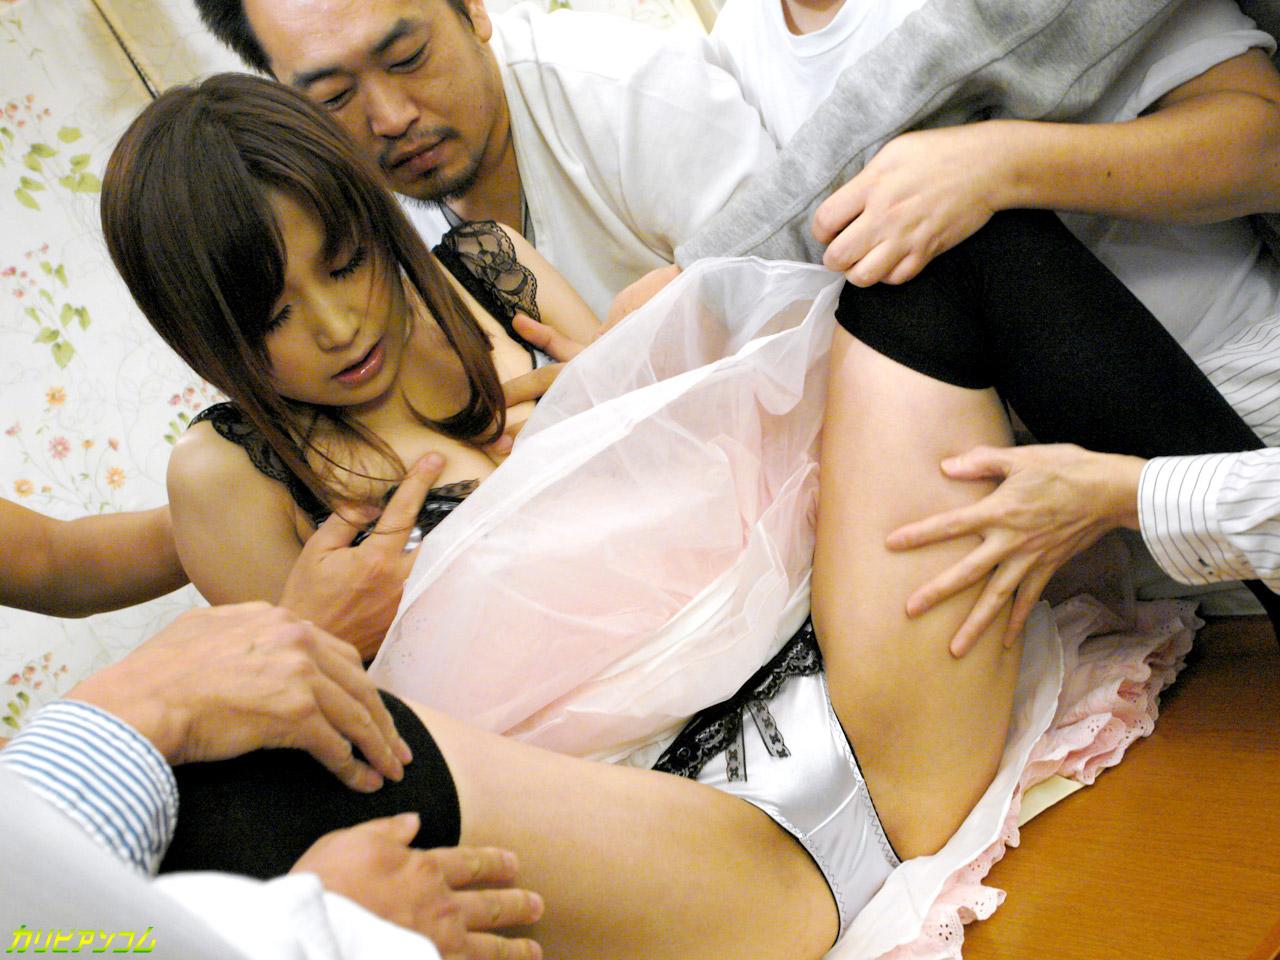 ハードコア・ウェイトレス4 田中志乃